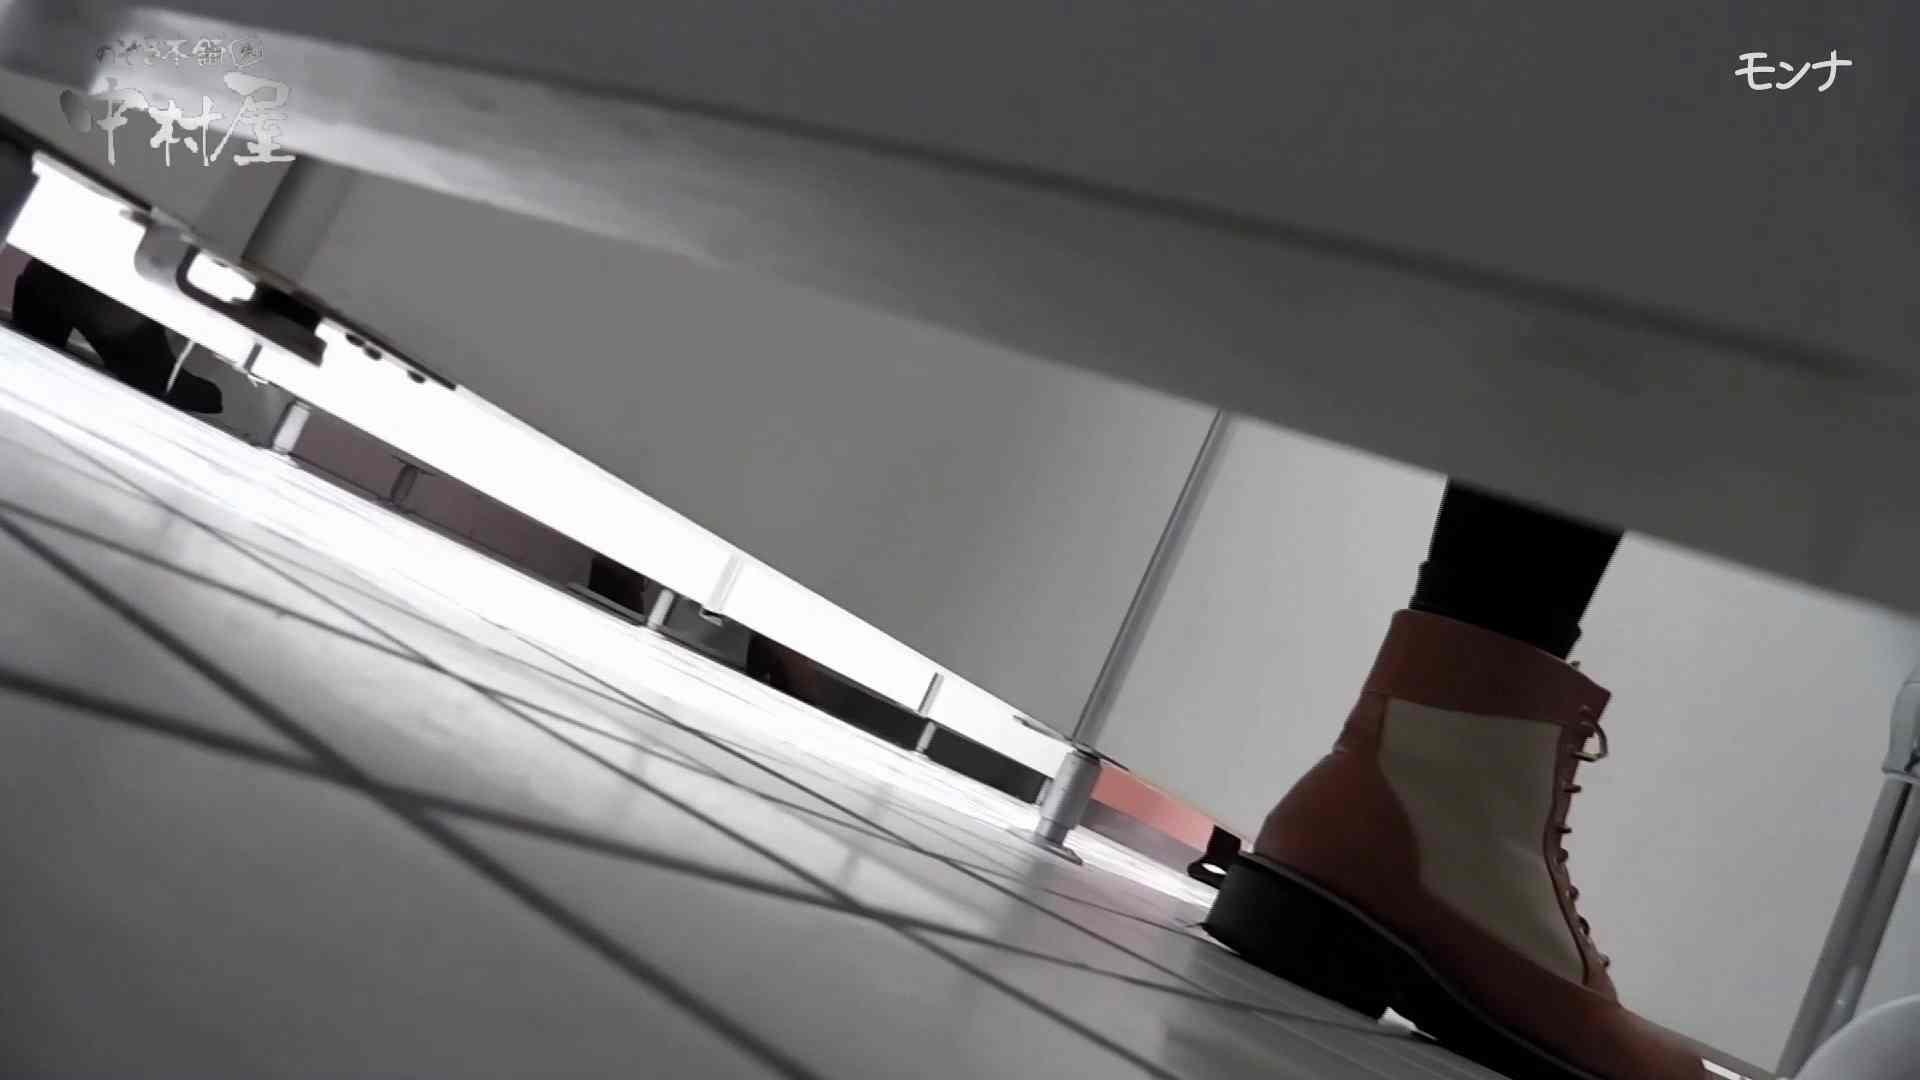 美しい日本の未来 No.49 何があった?カメラ持ちながらみんなの前に!潜り抜け 後編 盗撮師作品  79pic 70